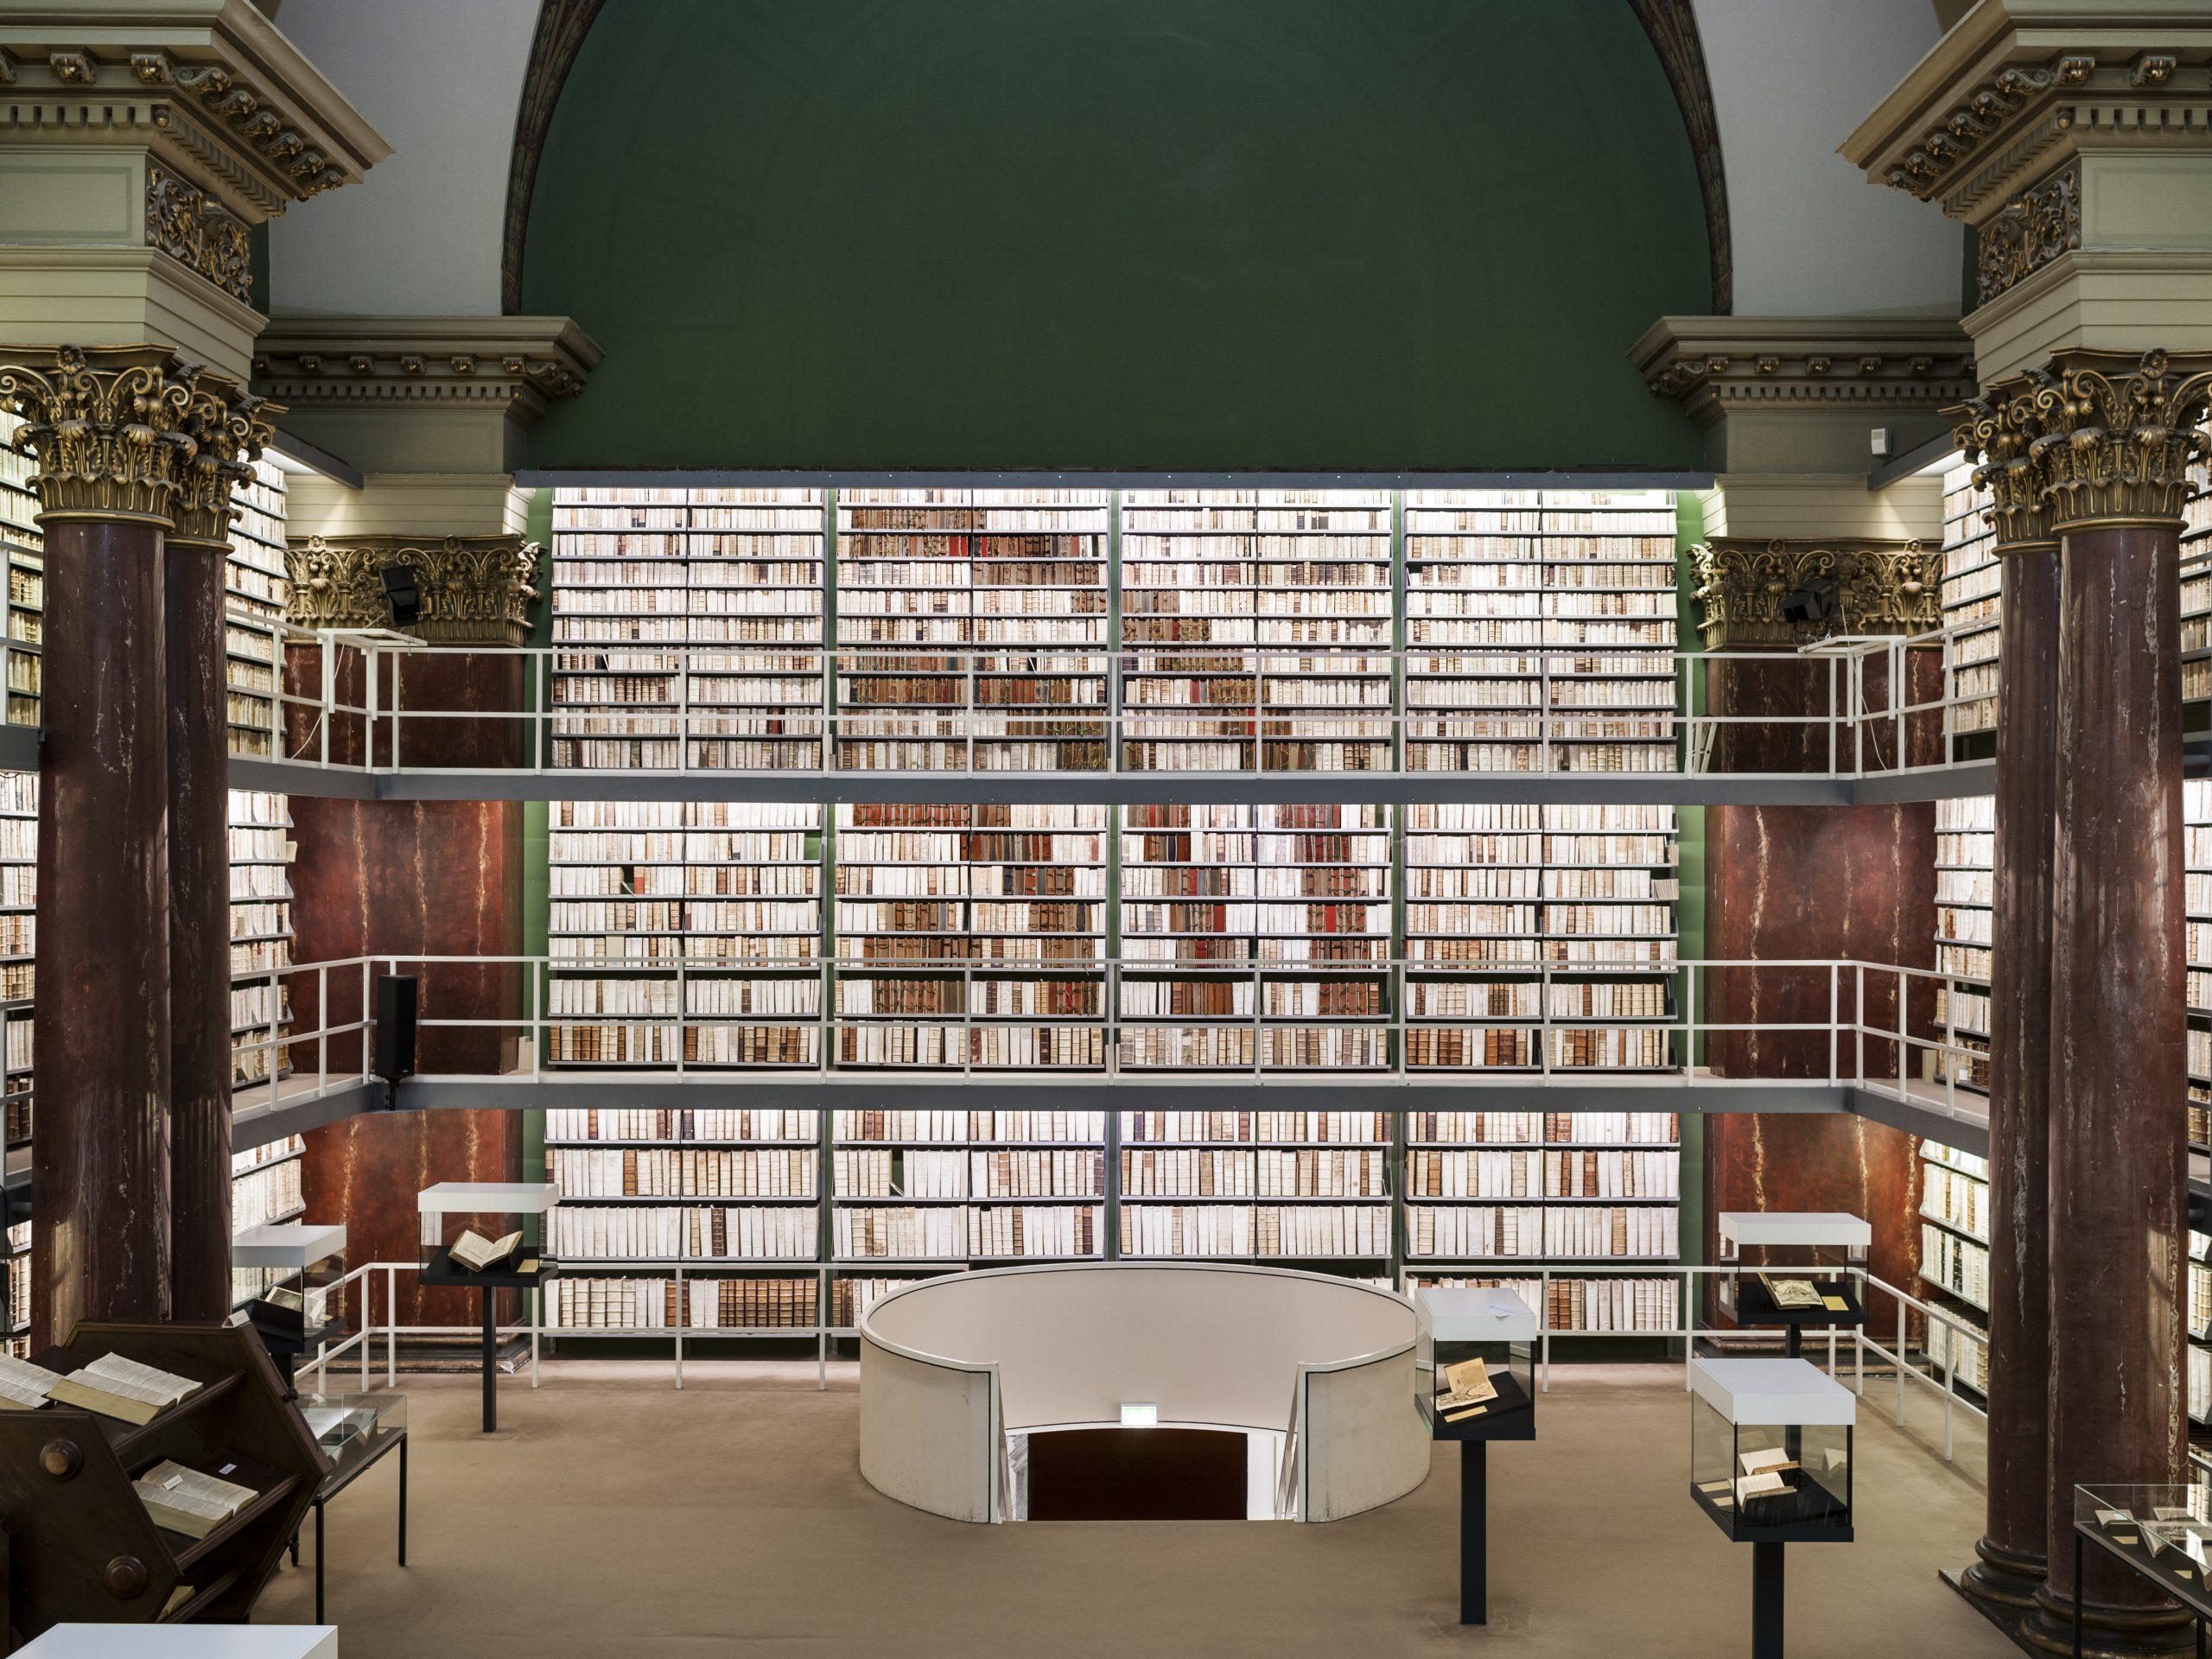 """""""Bibliotheken sind Teil der digitalen Gesellschaft"""", Herzog August Bibliothek Wolfenbüttel, Foto: dbv / Thomas Meyer, Ostkreuz"""